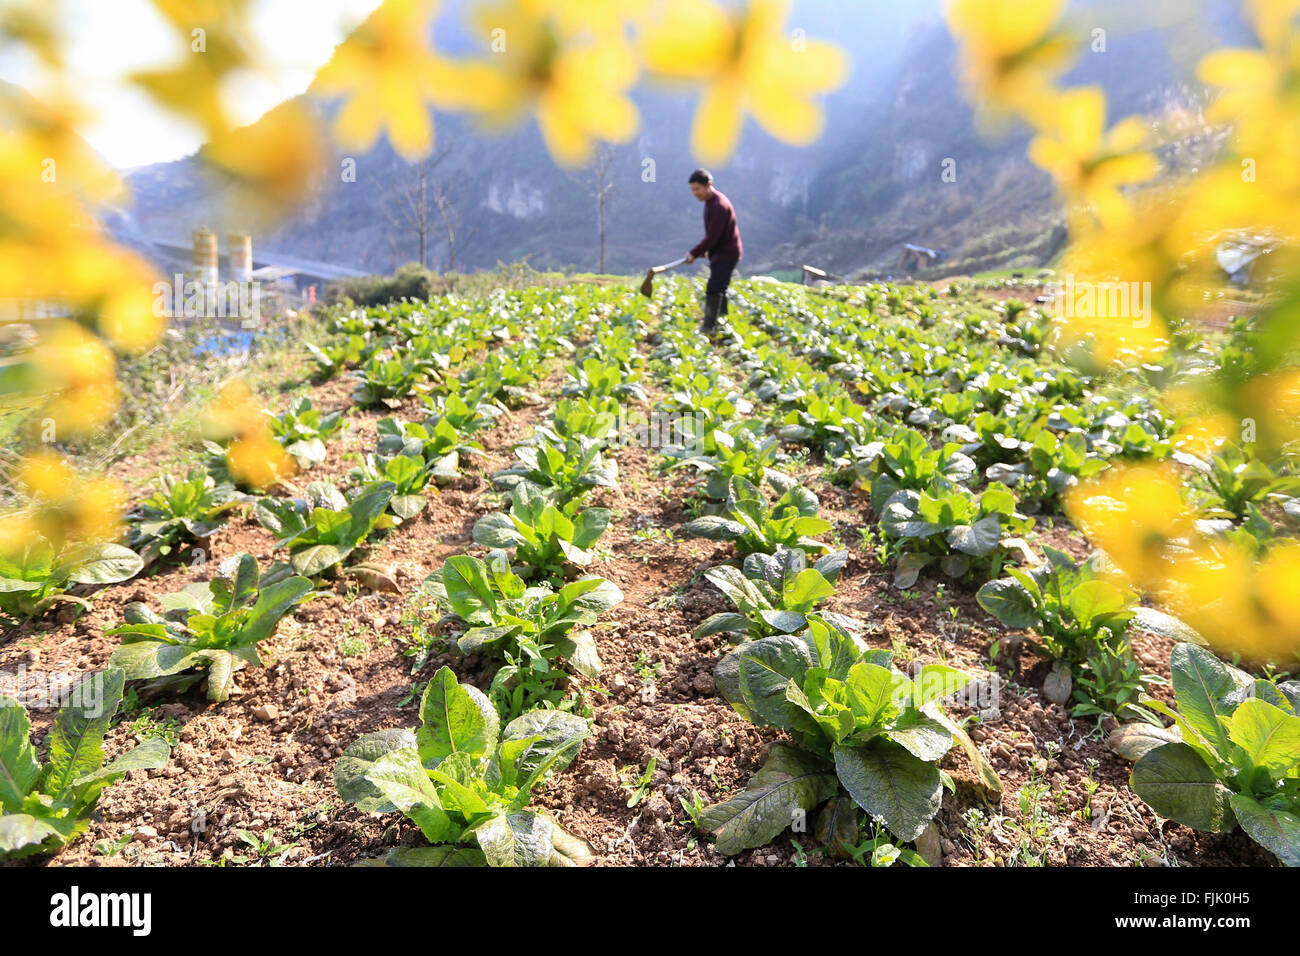 Qiandongnan. 1 Mar, 2016. Un agricoltore lavora nei campi a Yuangu Township nel sud-ovest della Cina di Guizhou, Immagini Stock